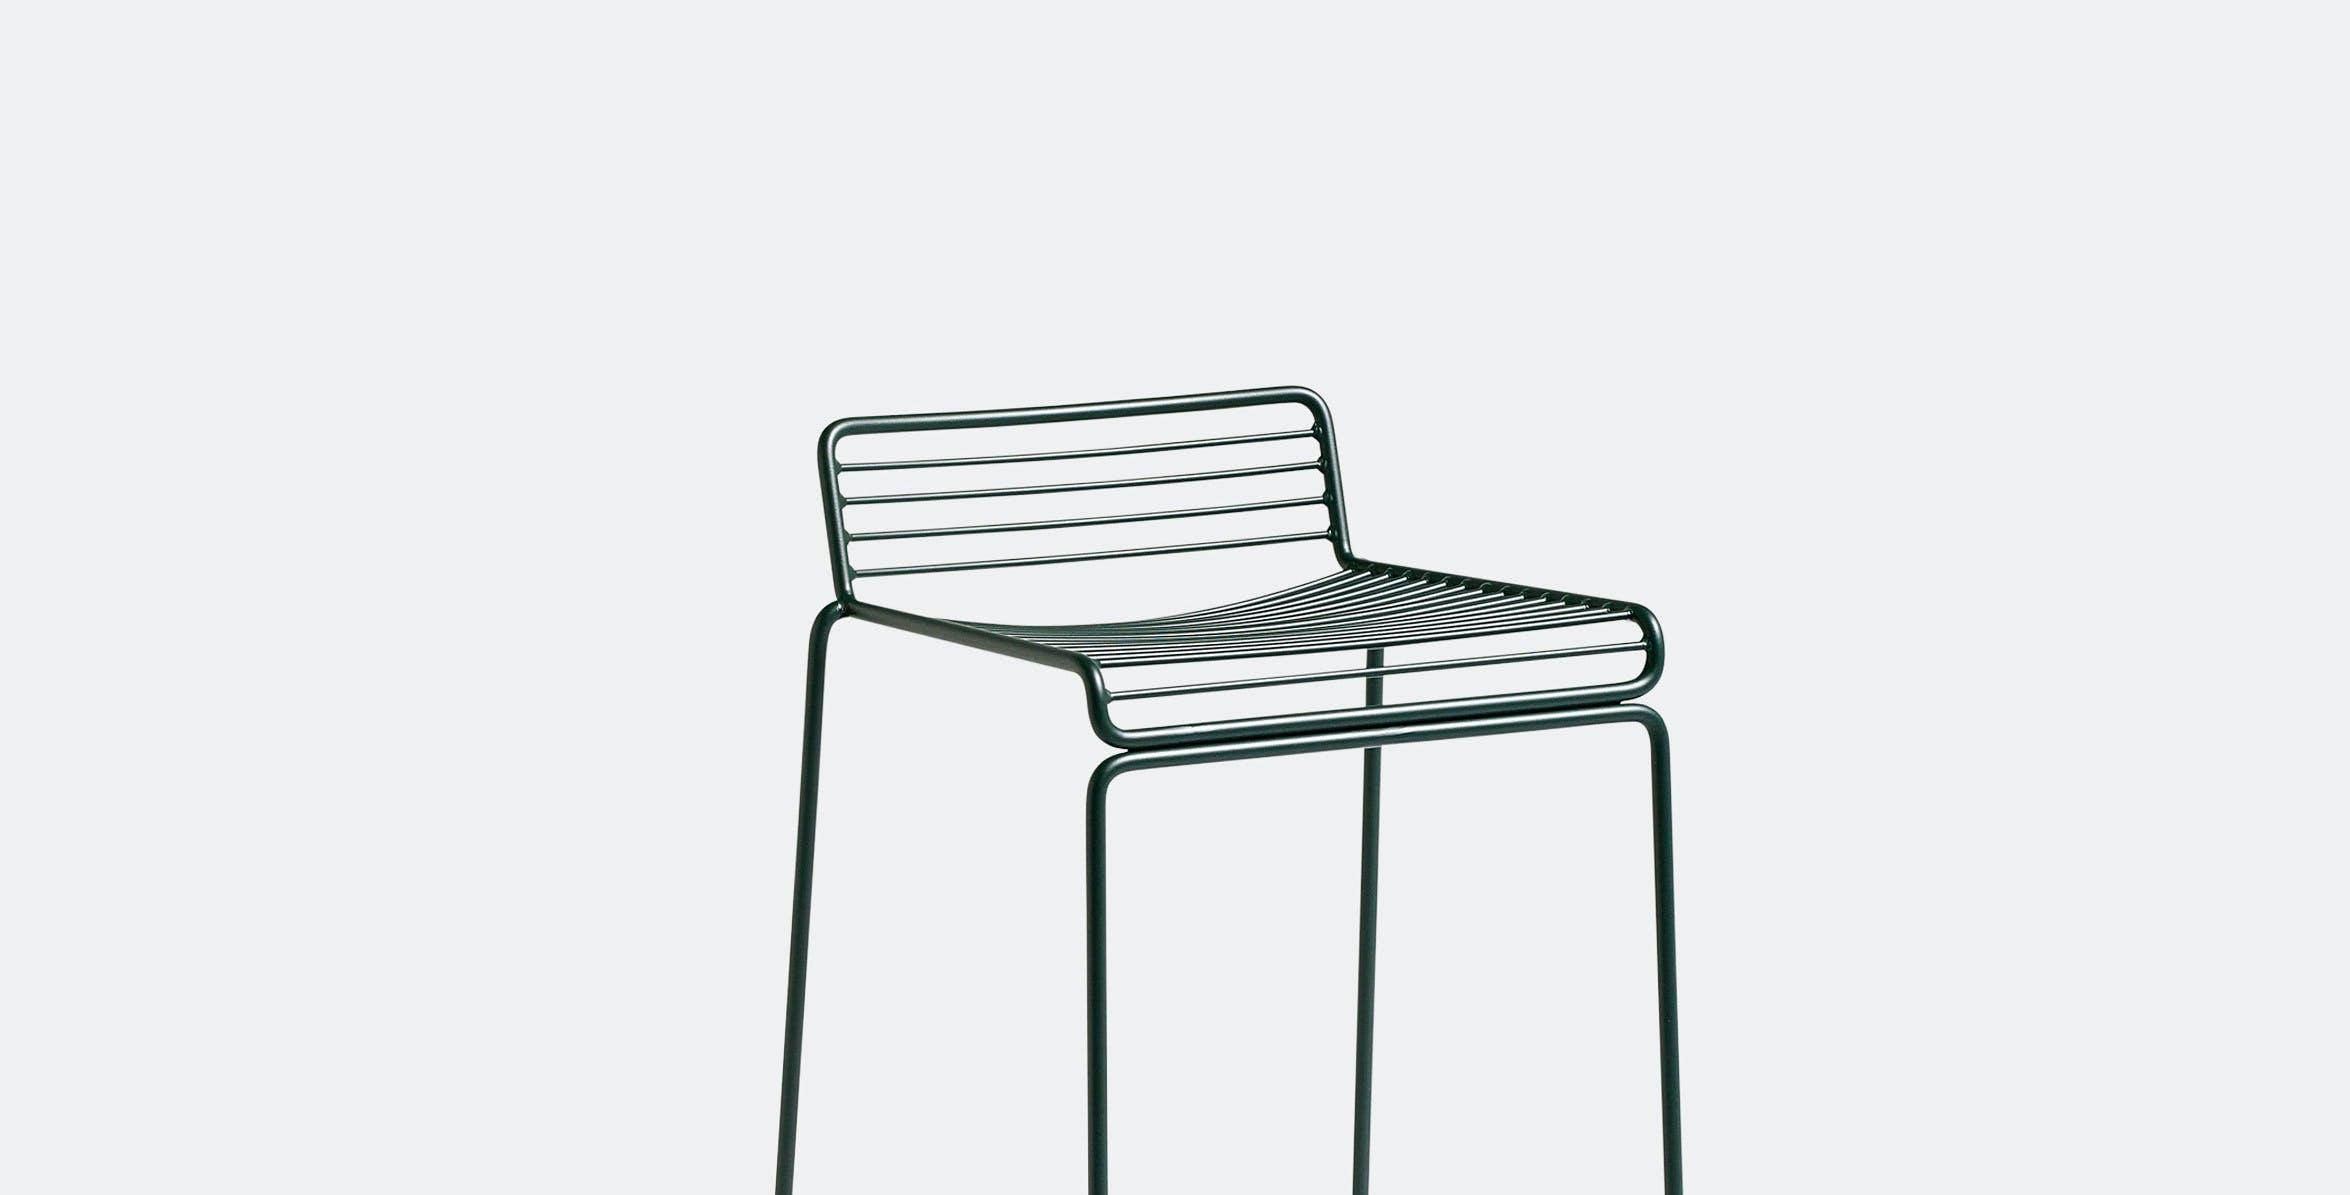 Designer Hee Welling